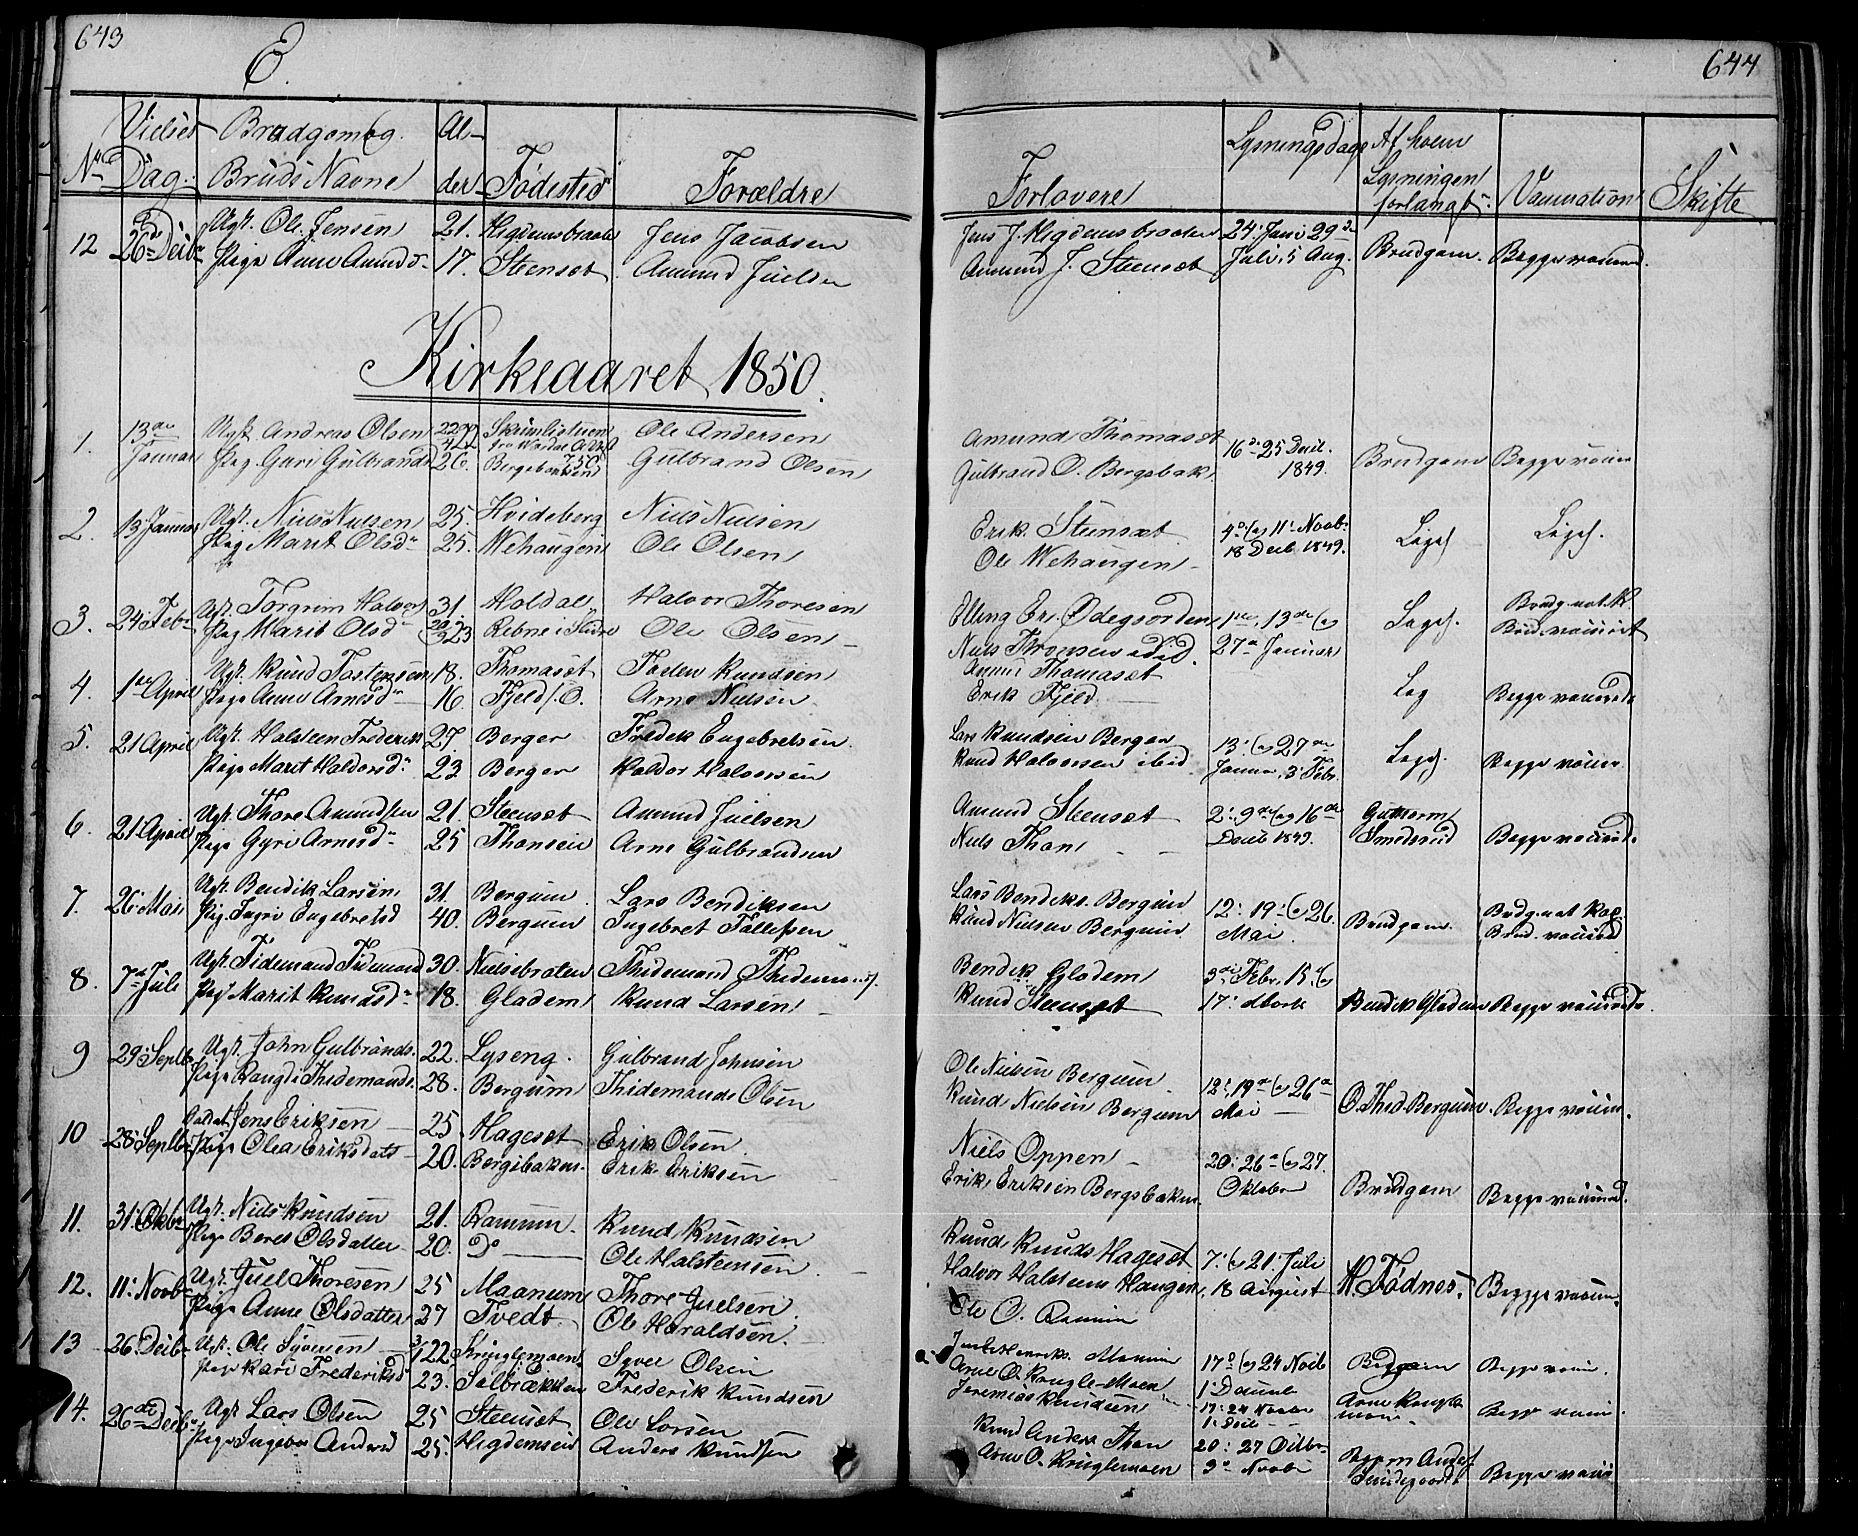 SAH, Nord-Aurdal prestekontor, Klokkerbok nr. 1, 1834-1887, s. 643-644